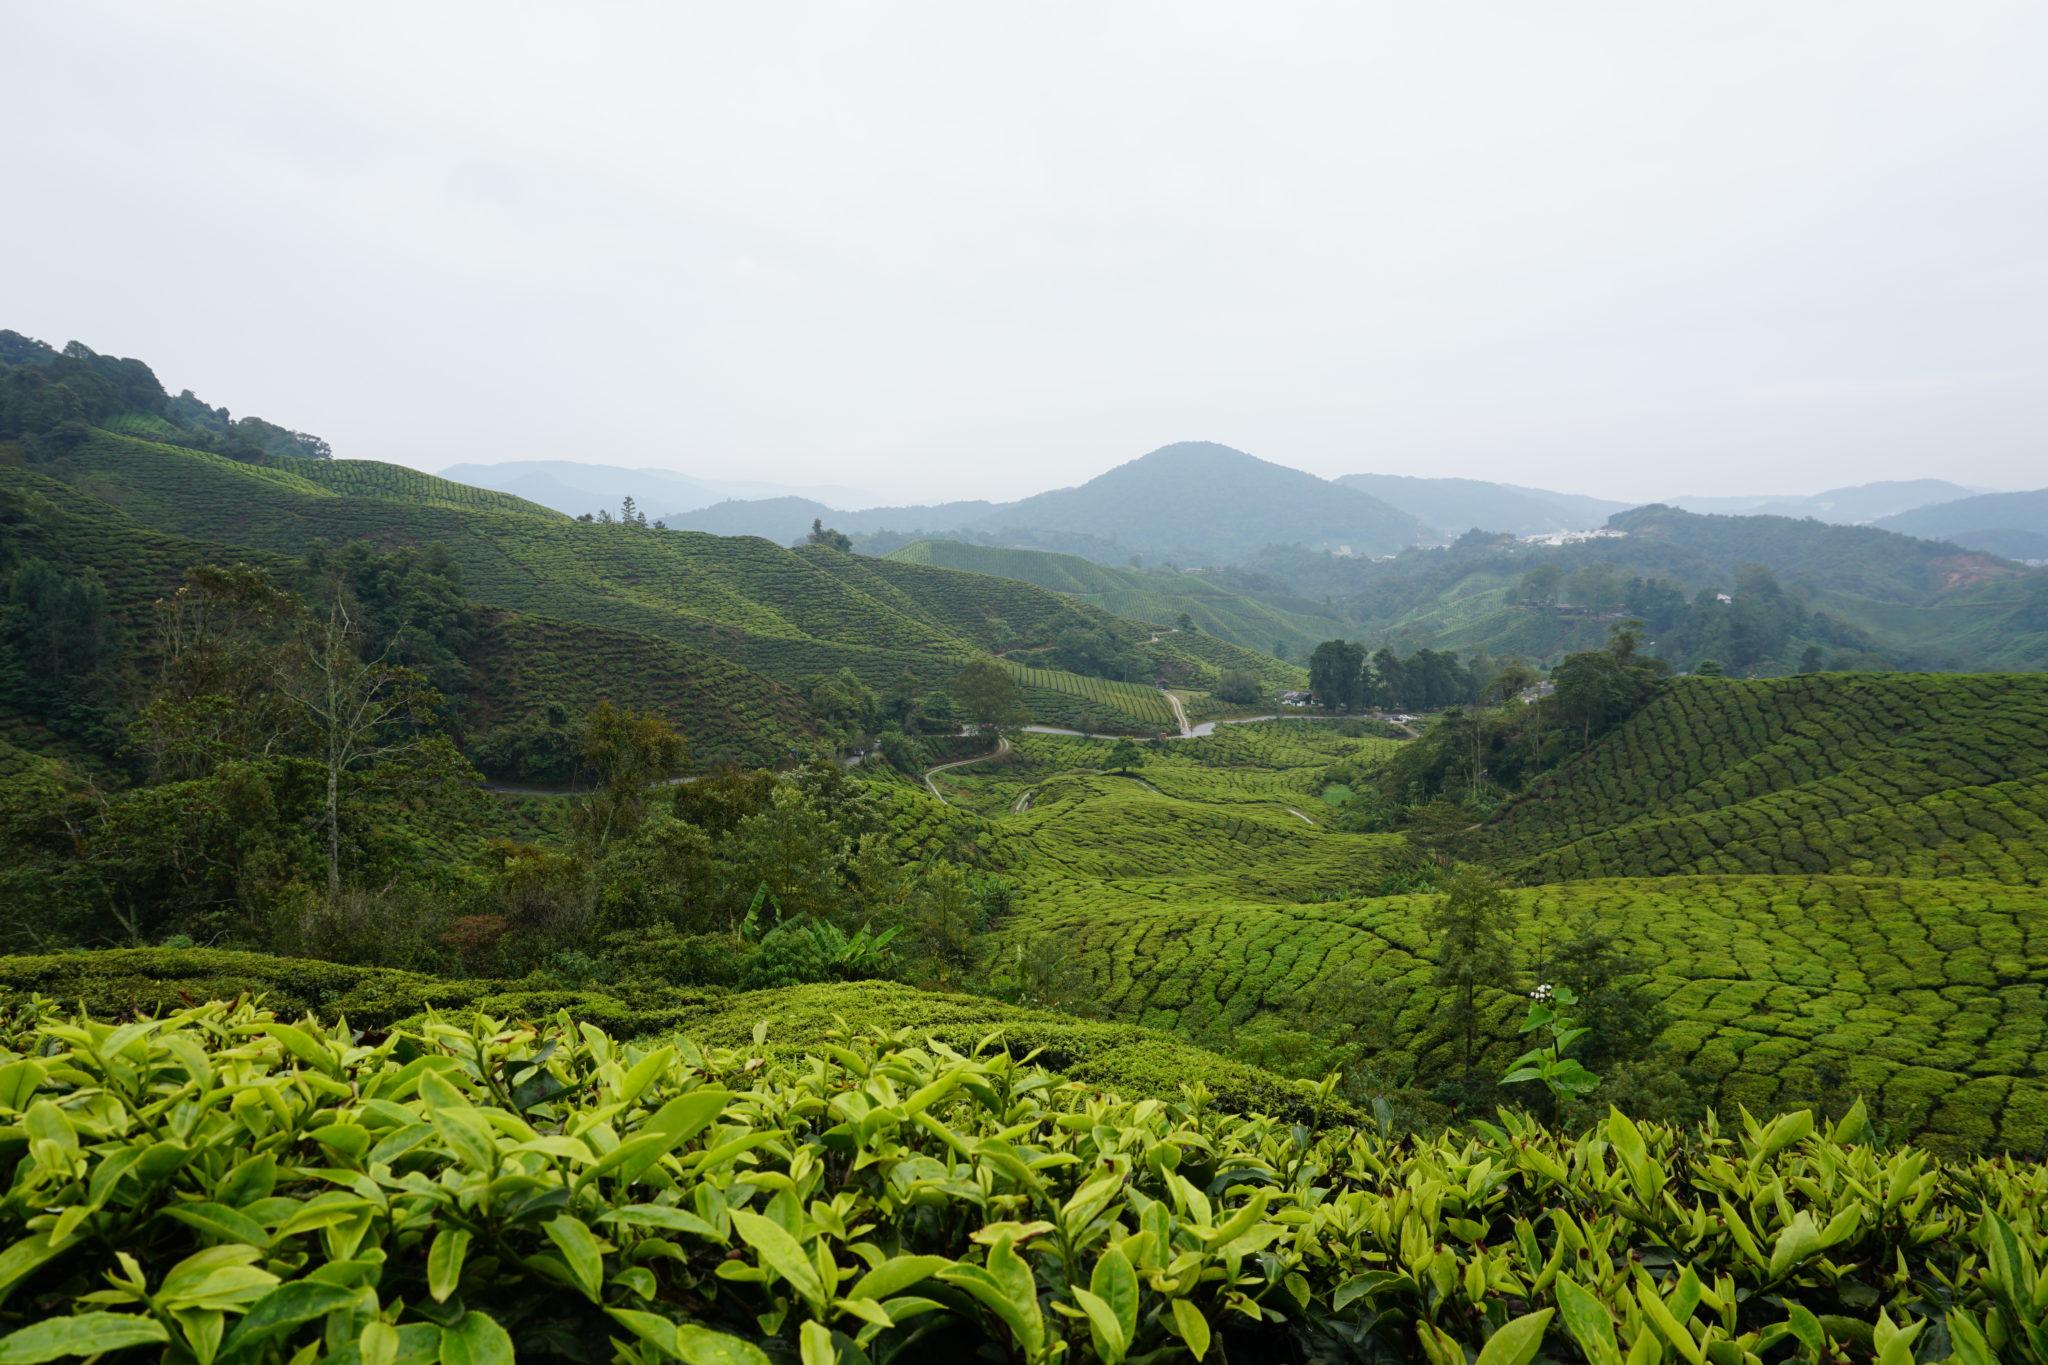 Foto über die grünen Weiten der Teefelder in den Cameron Highlands